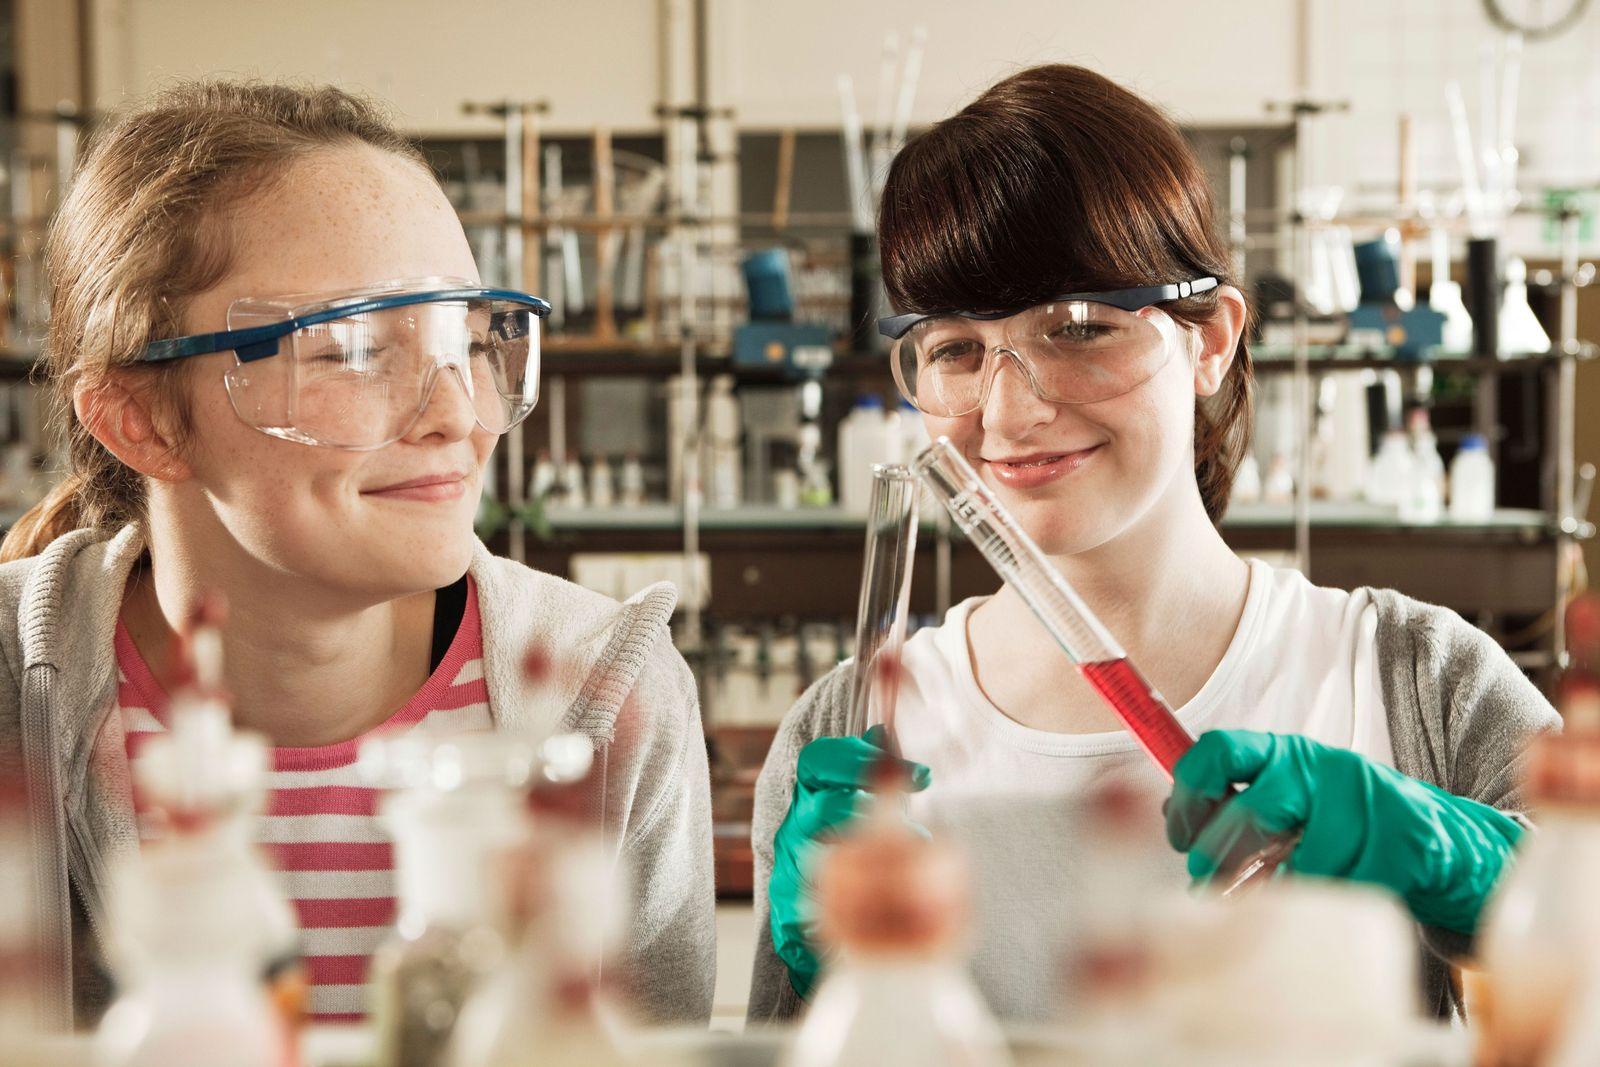 NICHT MEHR VERWENDEN! - Unterricht / Schule / Chemie